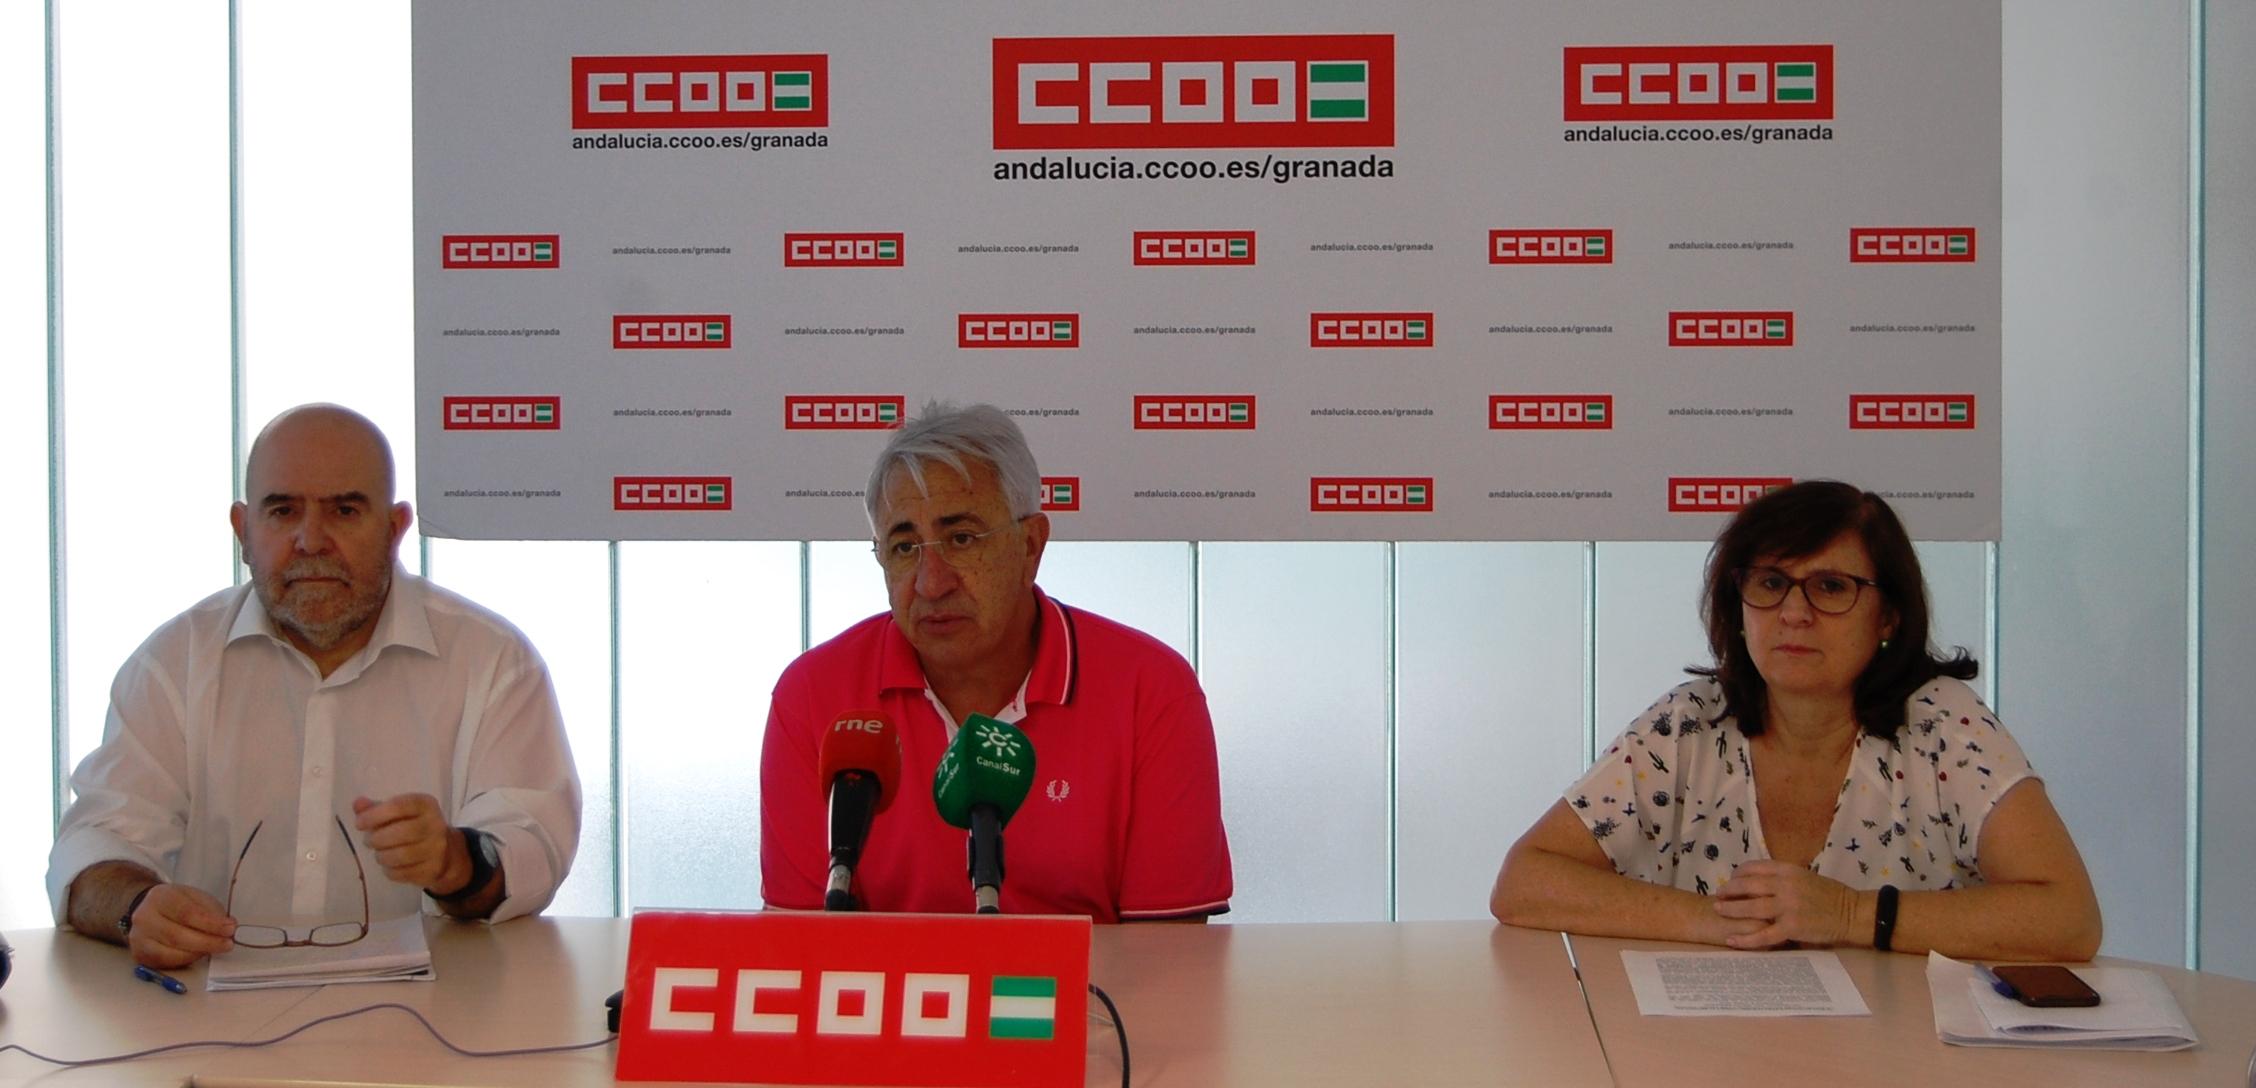 CCOO reclama medidas para proteger a los trabajadores de las altas temperaturas